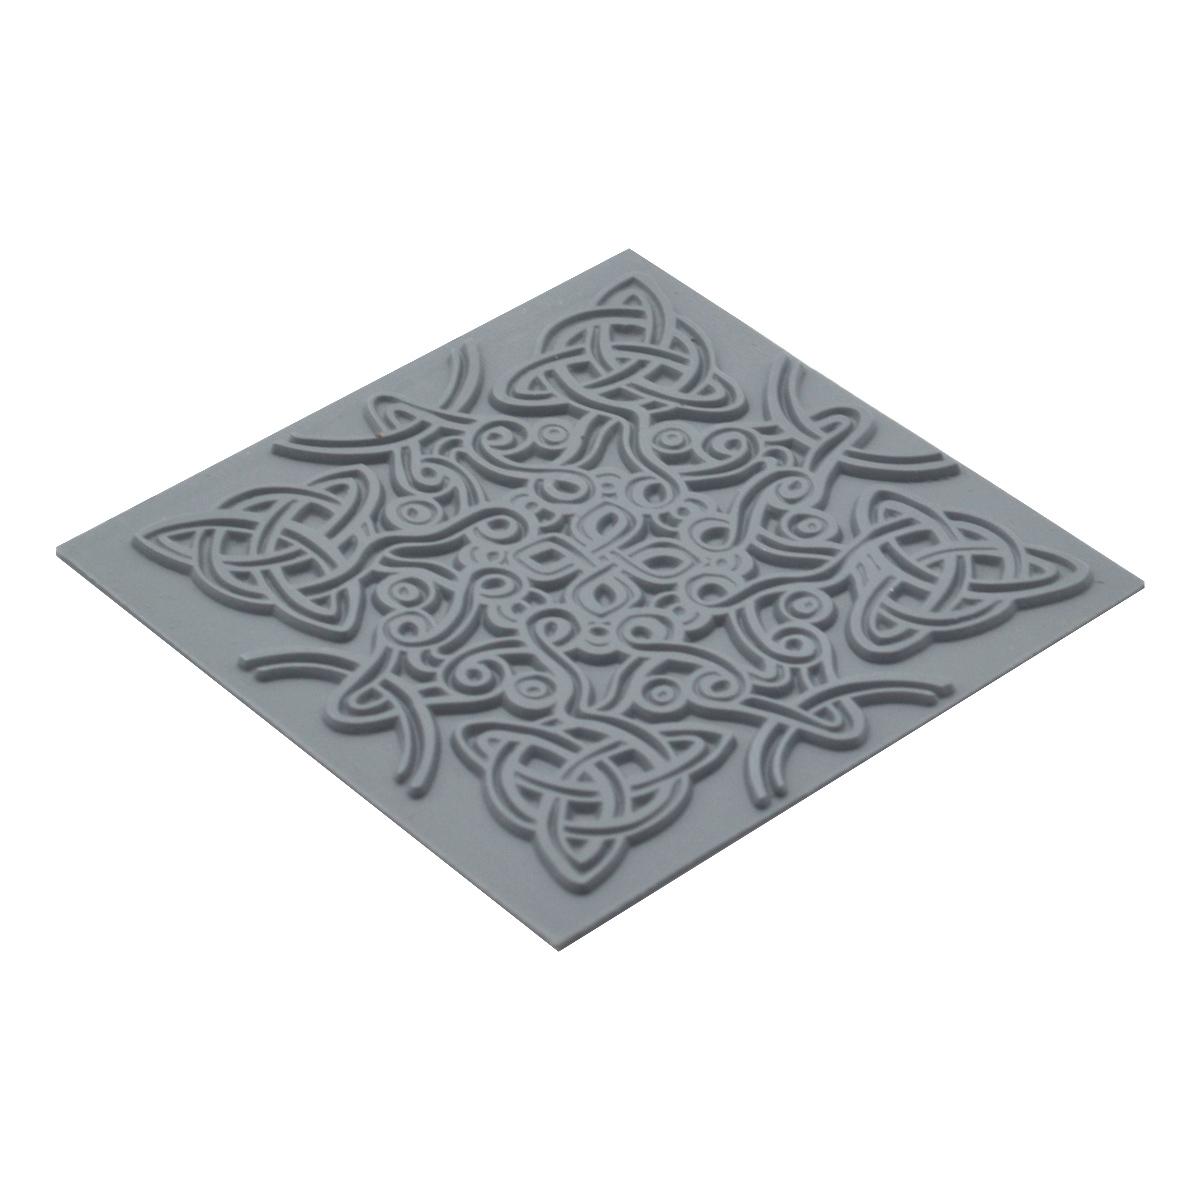 CE95023 Текстура для пластики резиновая 'Кельтский узел', 9х9 см